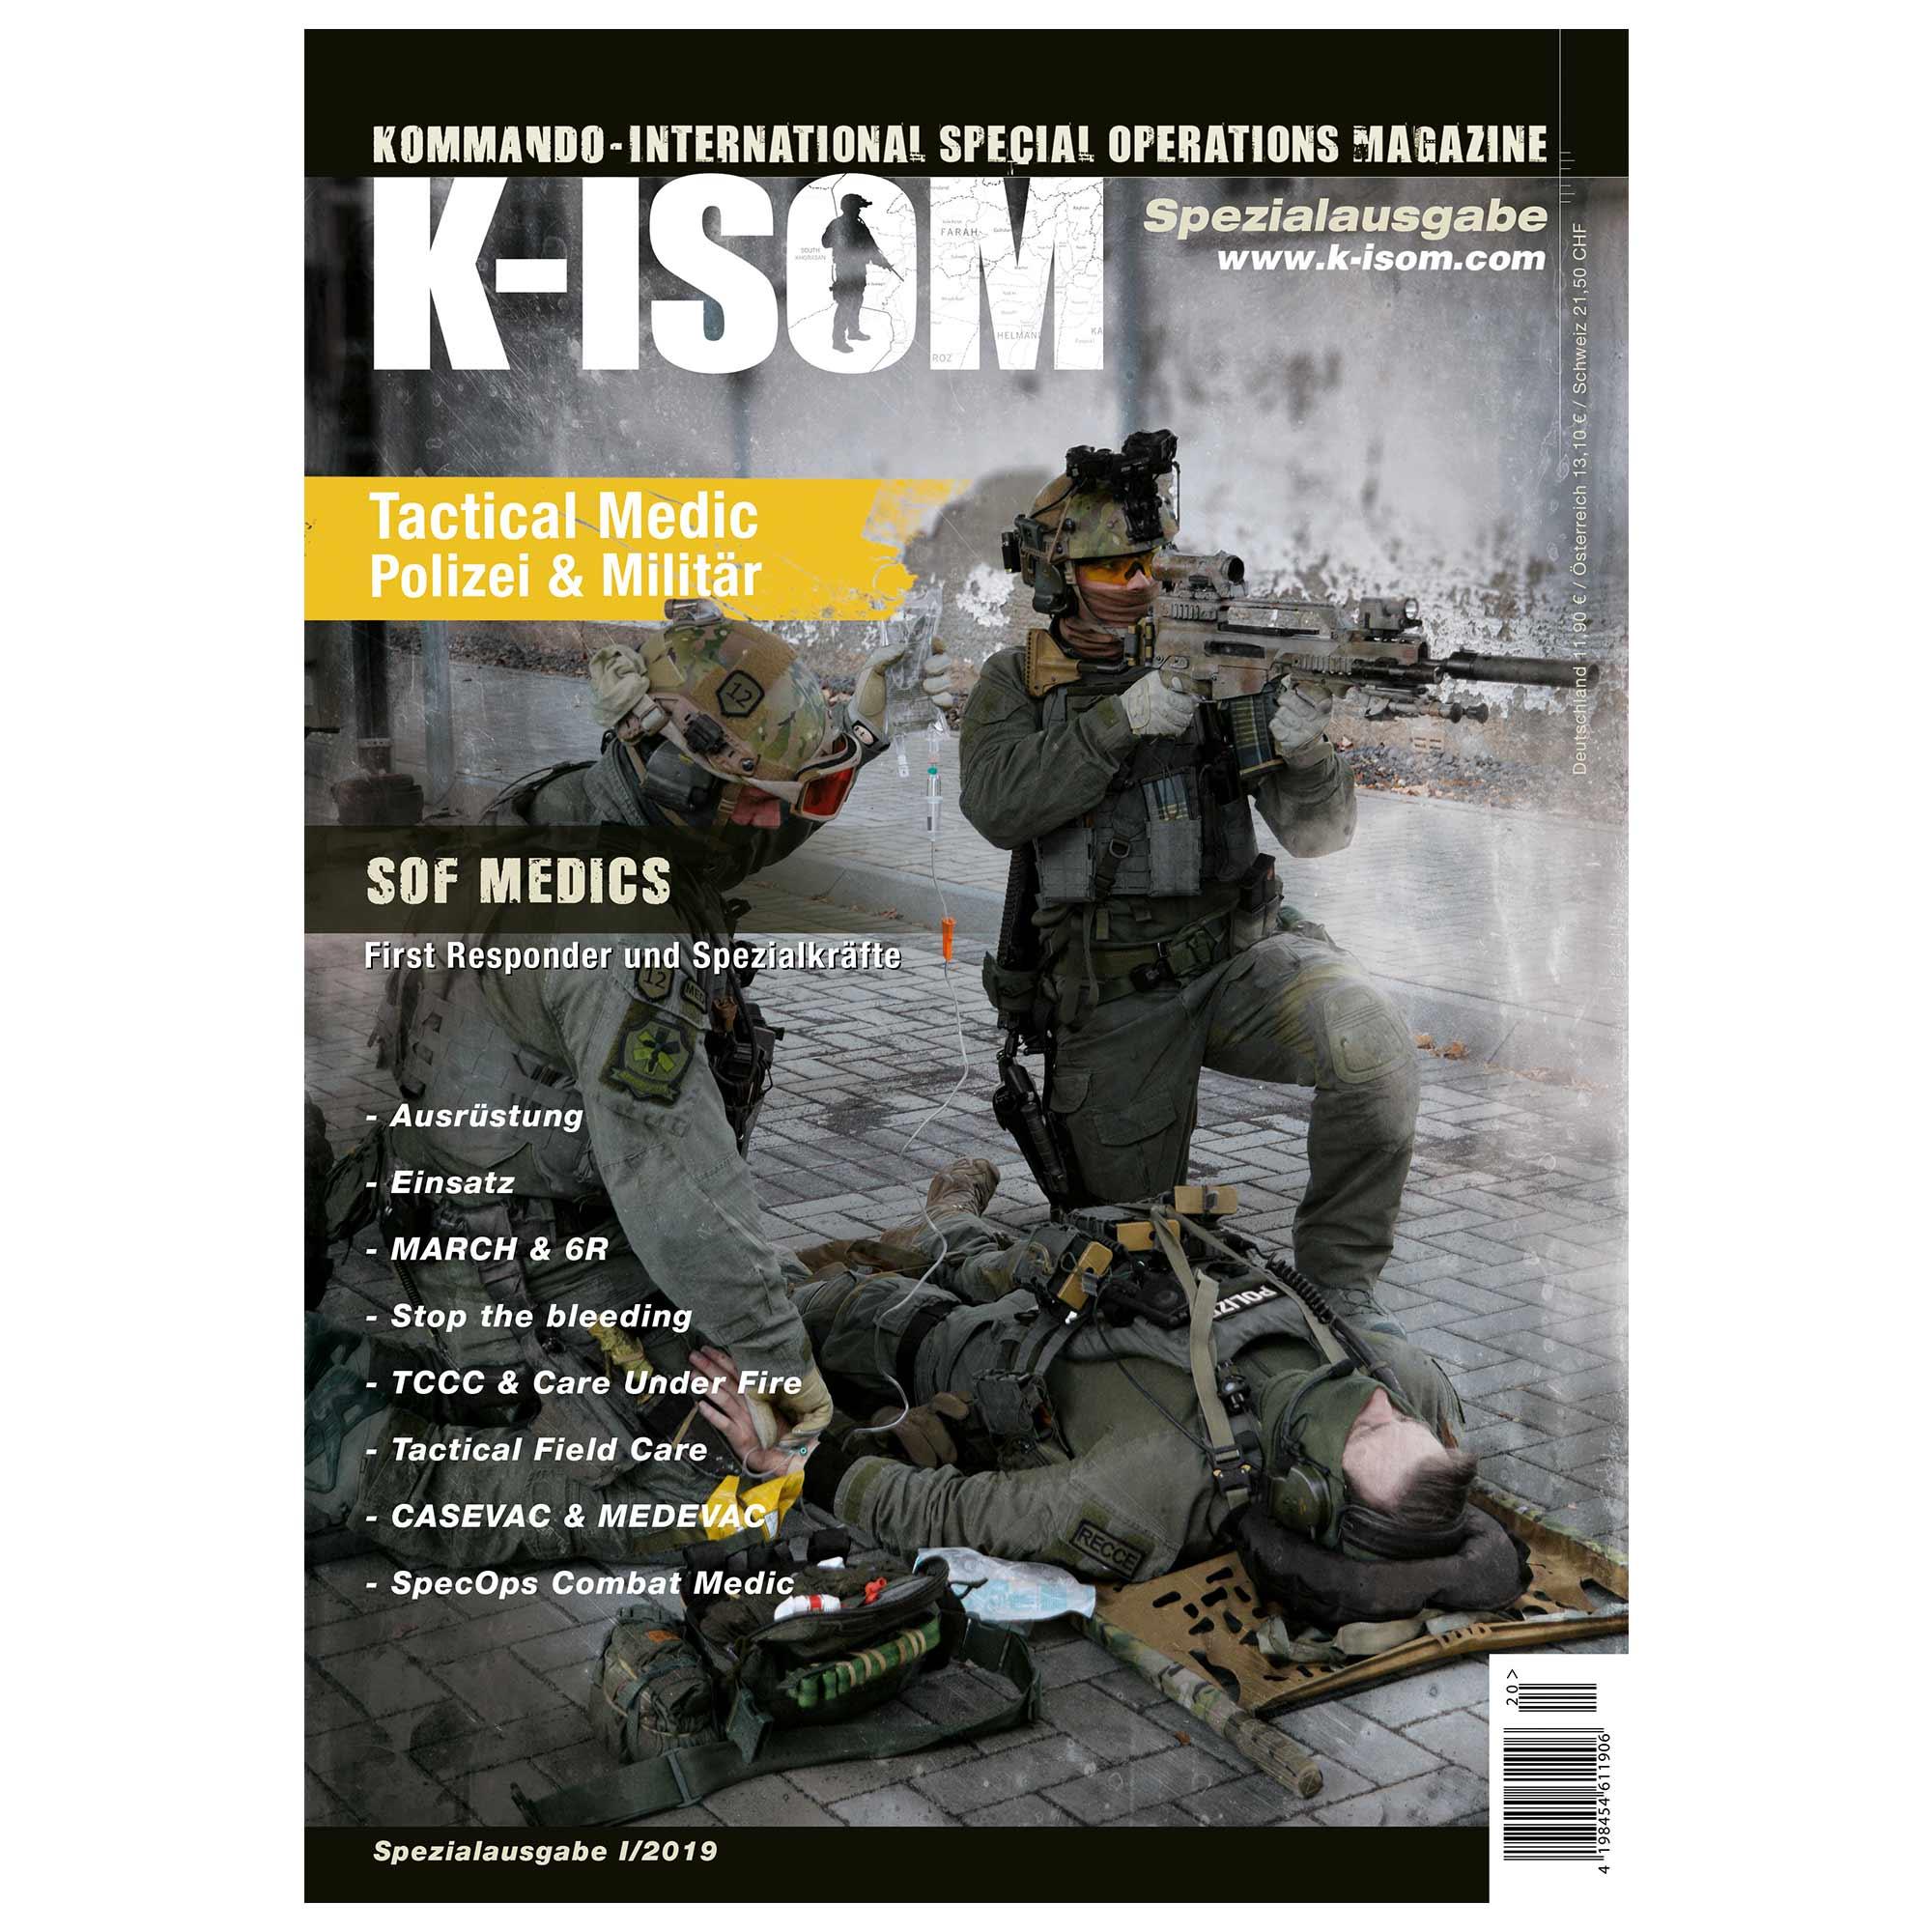 Kommando Magazin K-ISOM Spezialausgabe I/2019